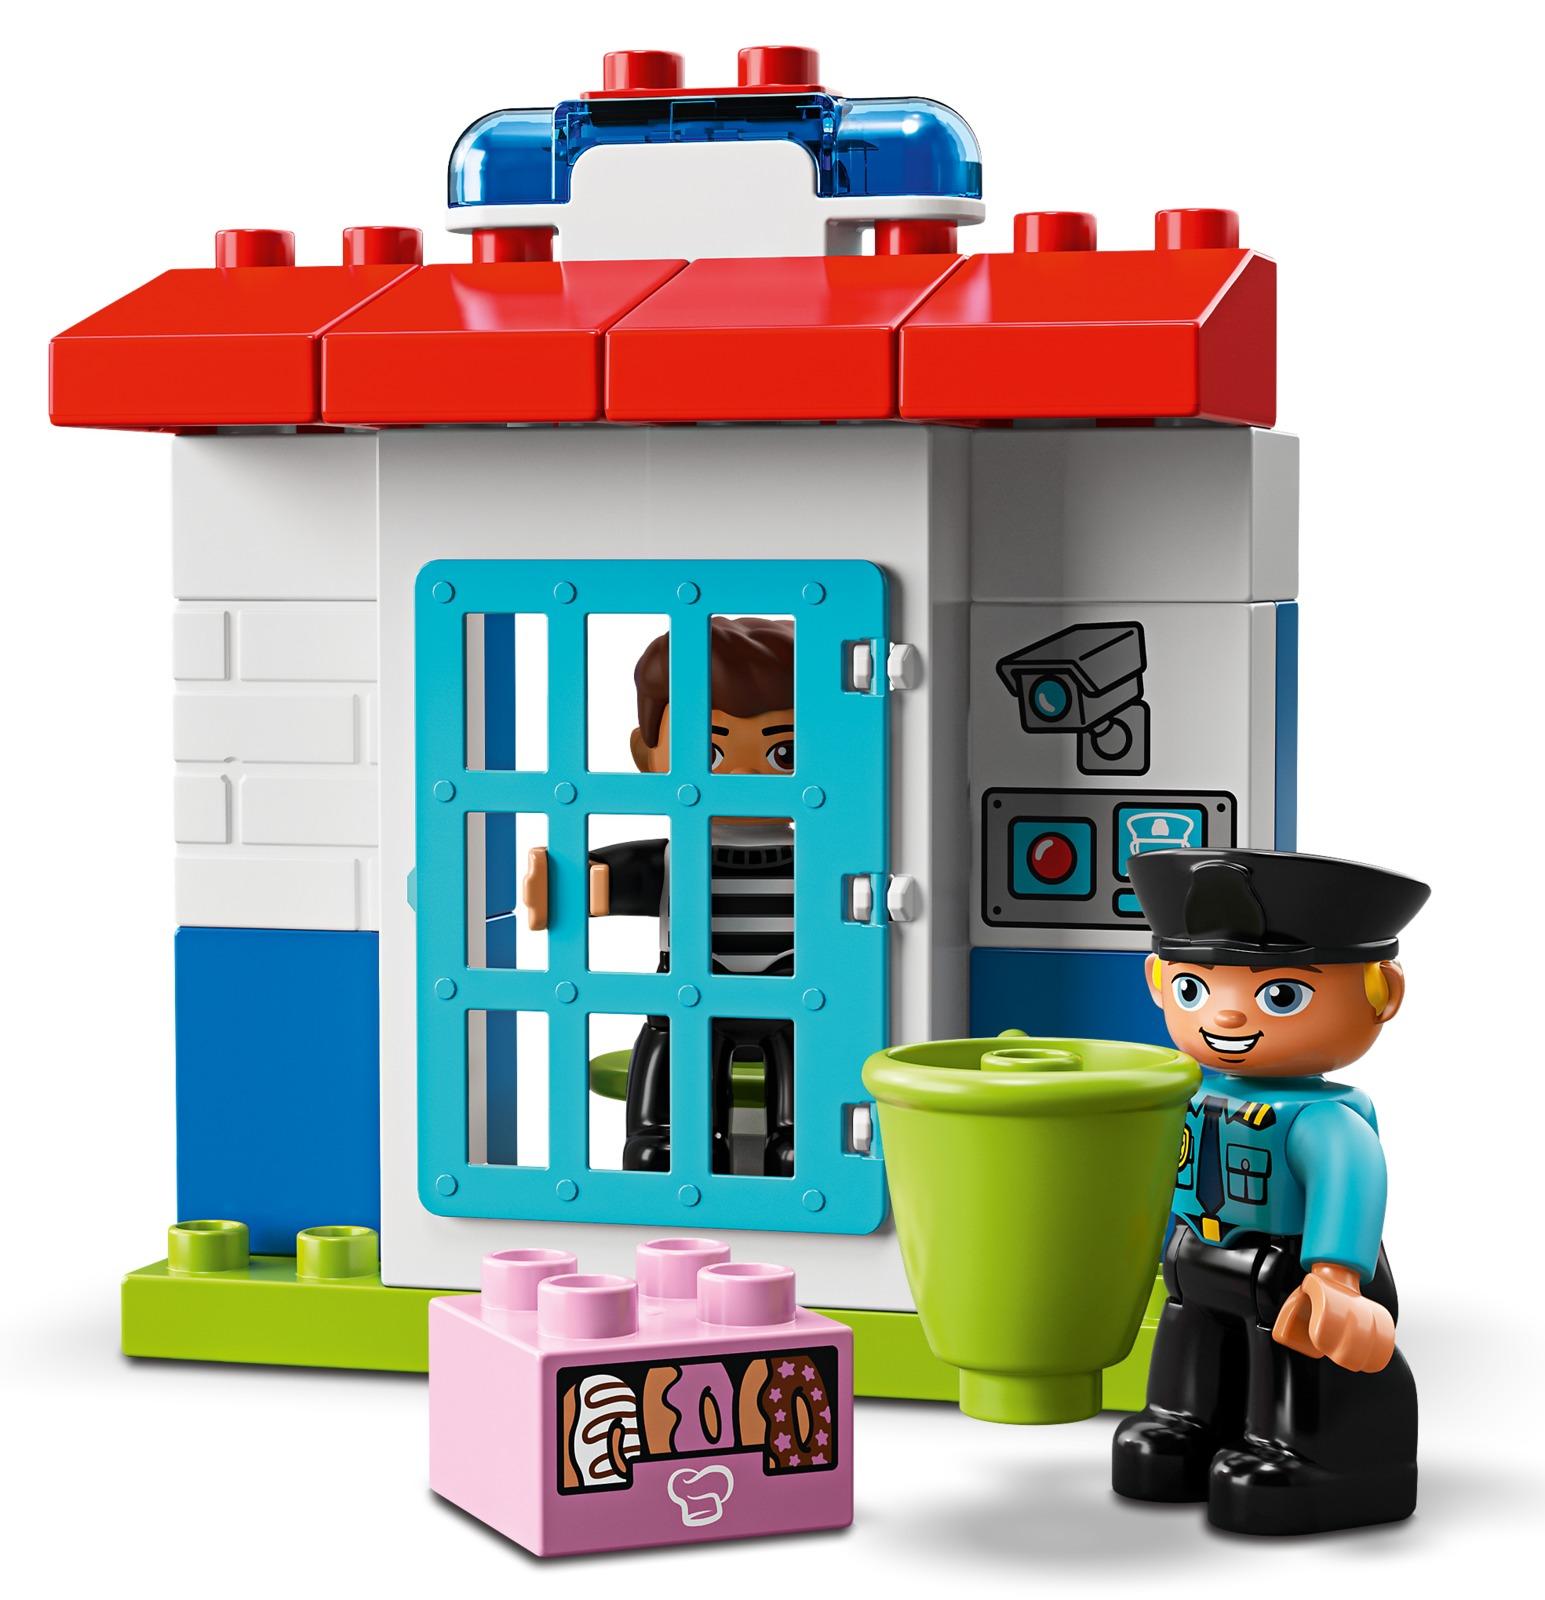 LEGO DUPLO: Police Station (10902) image